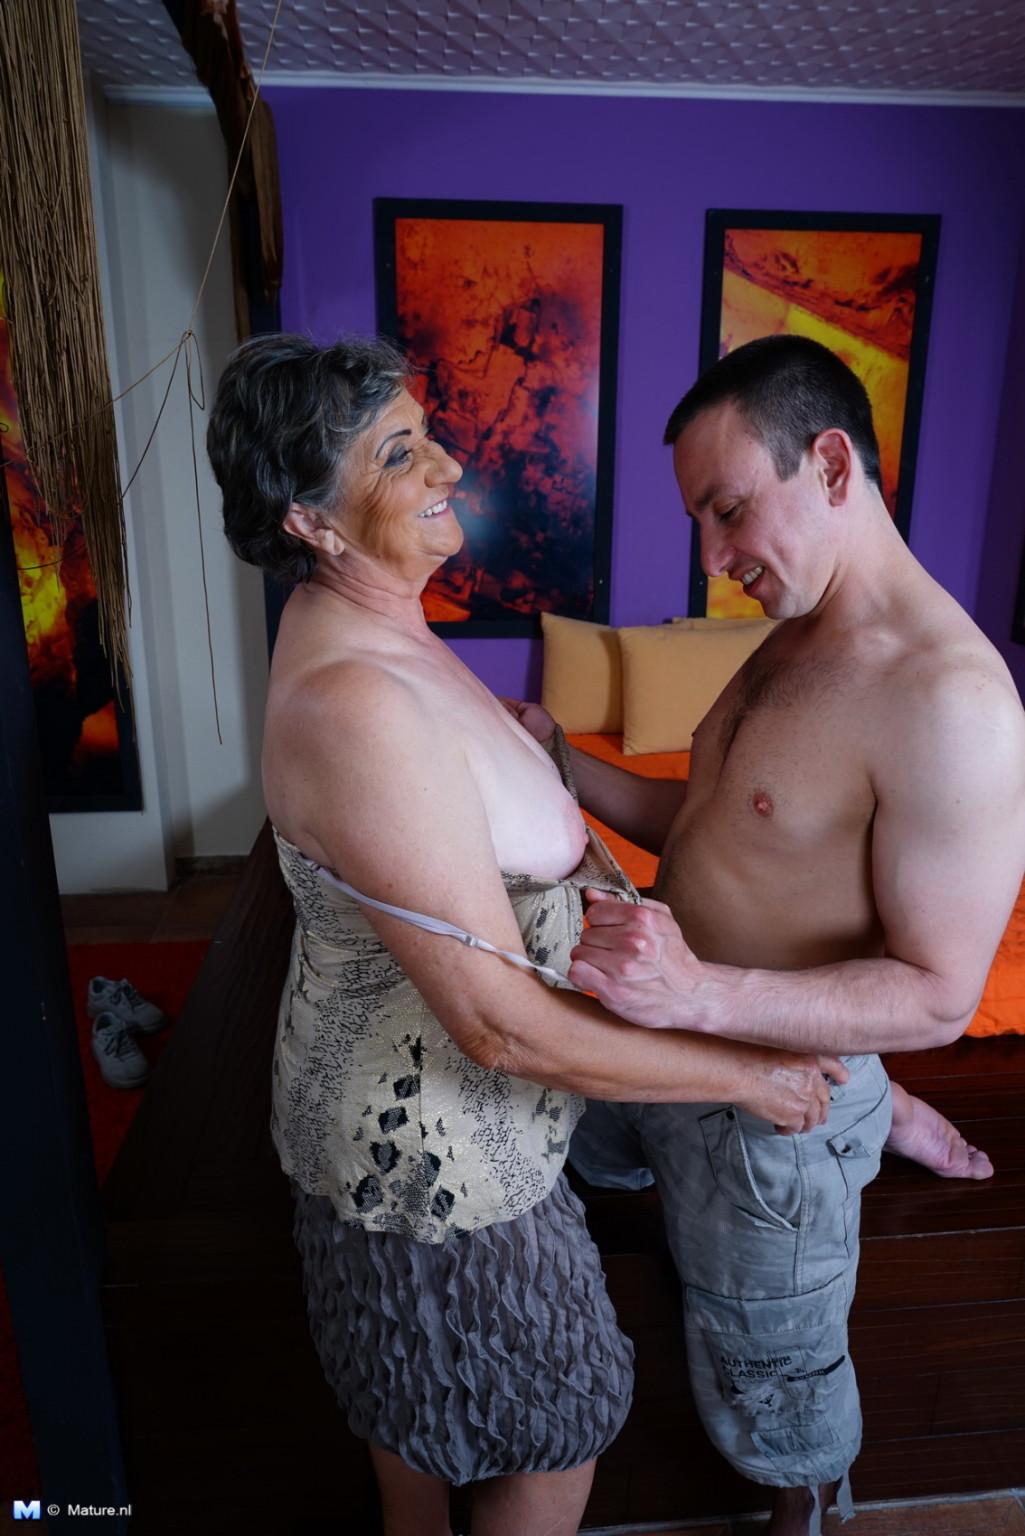 Женщина в почтенном возрасте соблазняет молодого мужчину и он устраивает ей хорошую еблю